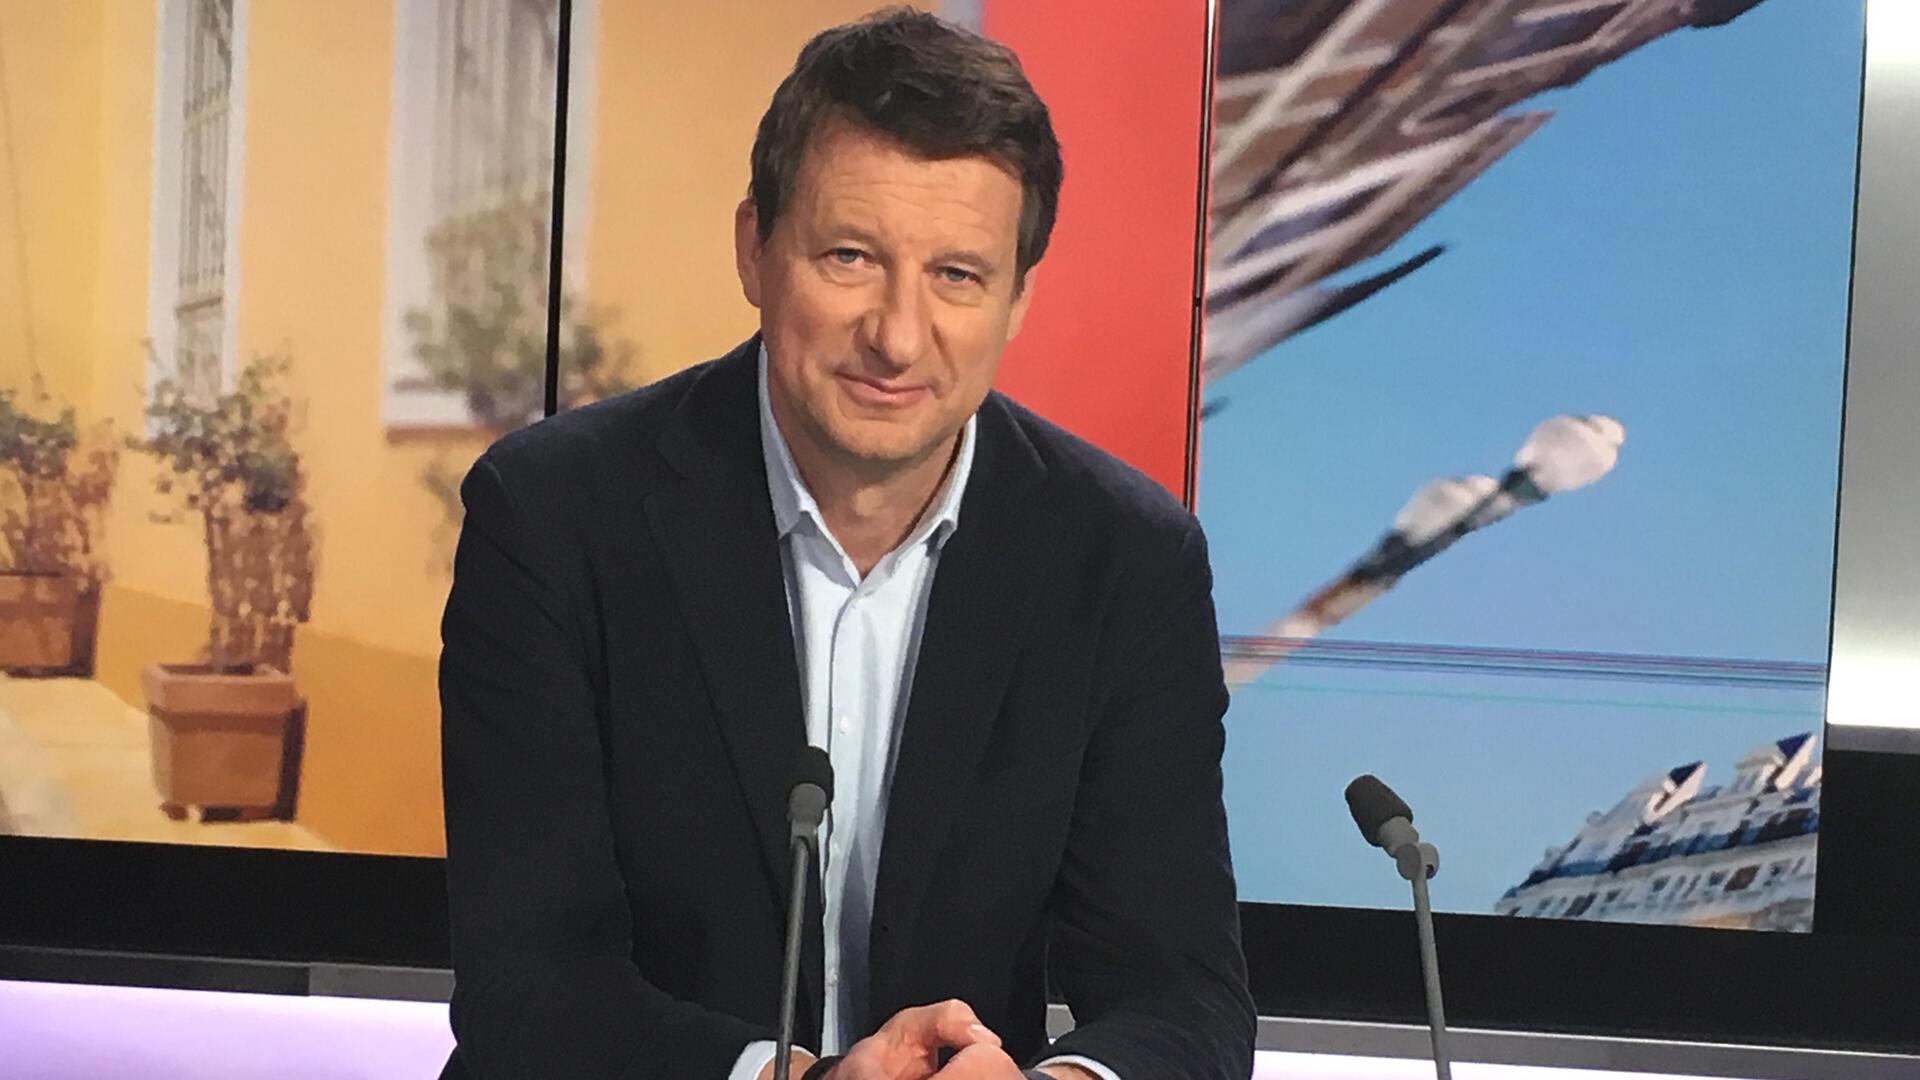 L'eurodéputé écologiste Yannick Jadot a officialisé mercredi 30 juin sa candidature à la présidentielle française d'avril 2022 via la primaire écologiste.